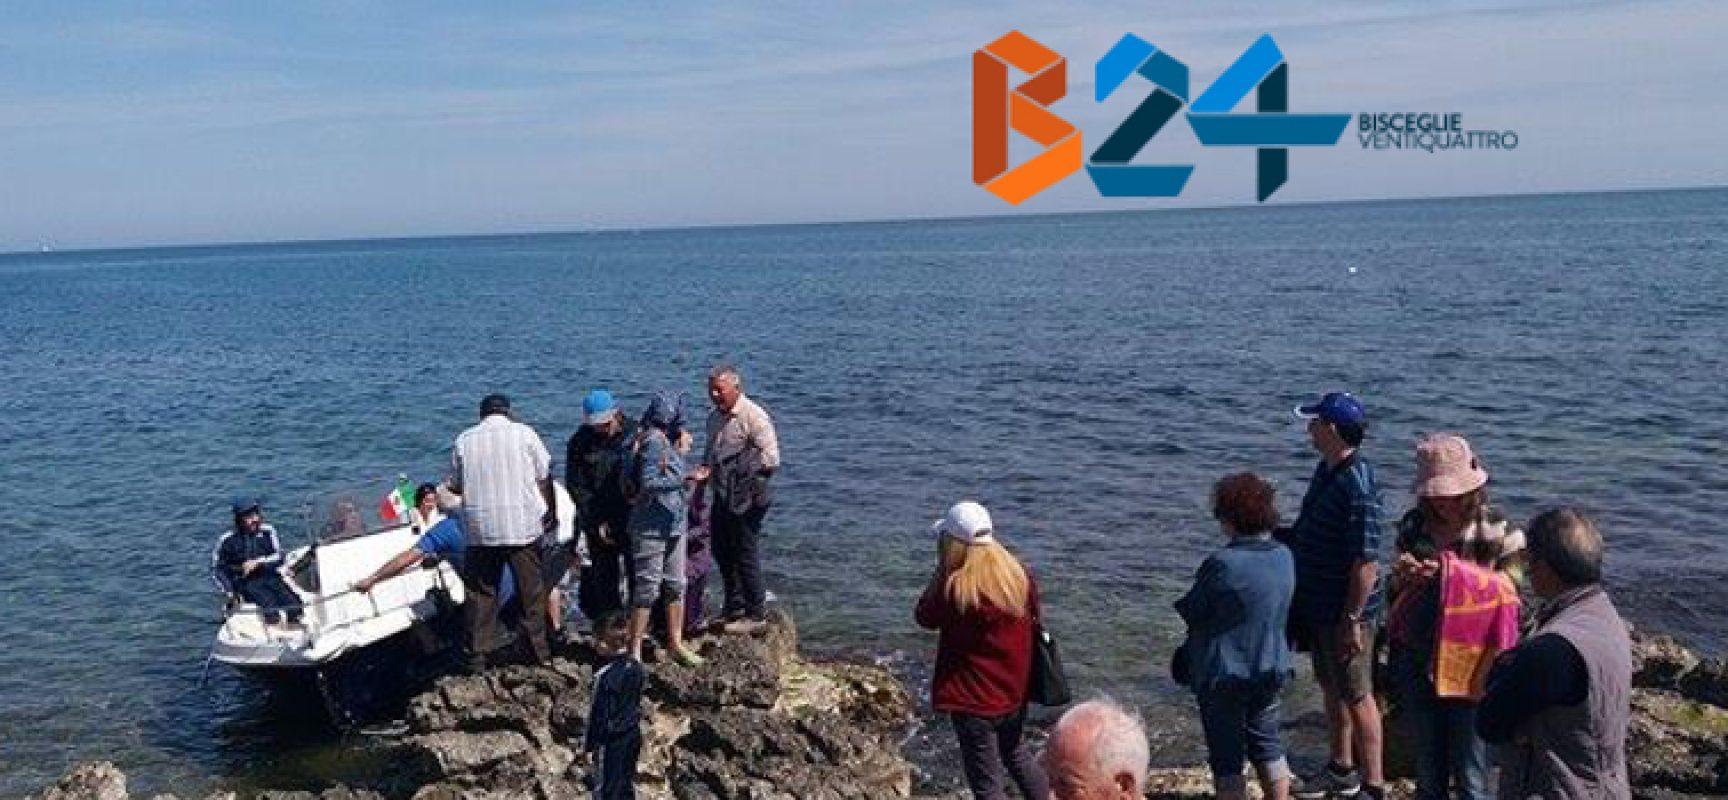 """Costa di levante, escursioni in barca a """"Brezza tra gli ulivi"""", camperisti entusiasti / FOTO"""